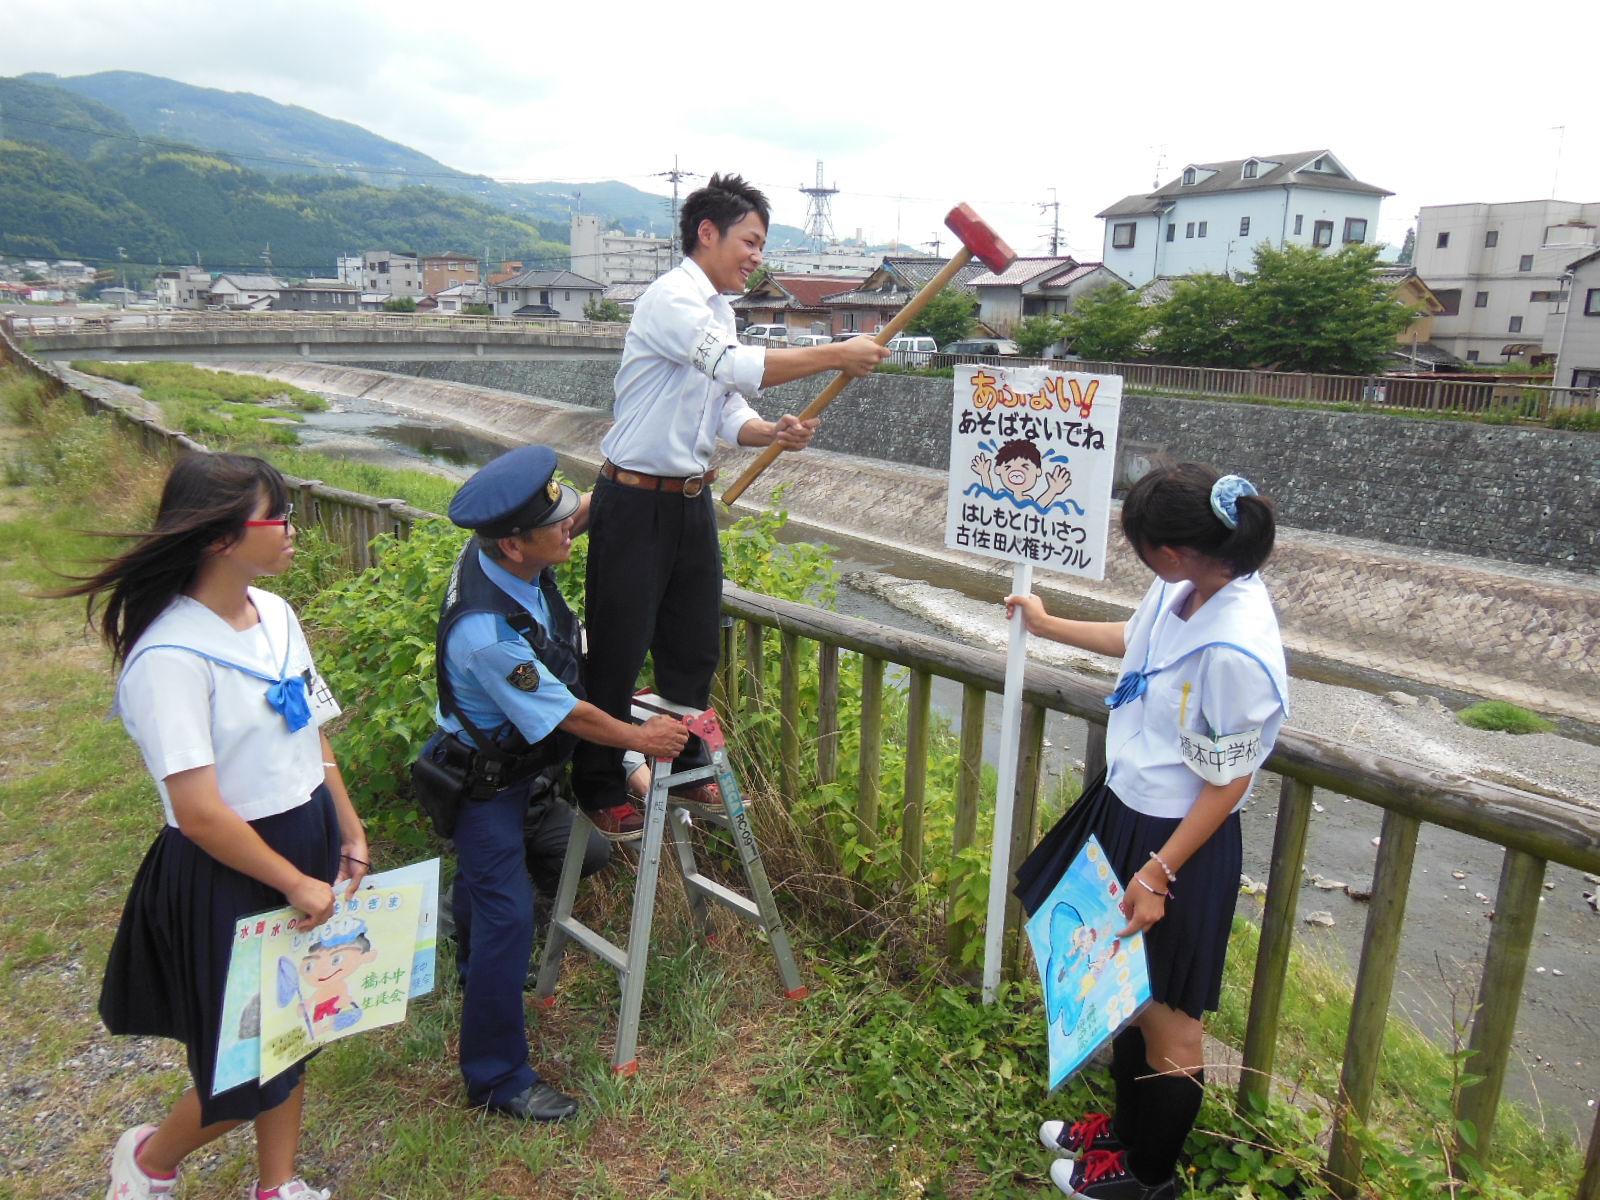 事故 和歌山 水難 竹房の水難事故から100年 8月15日